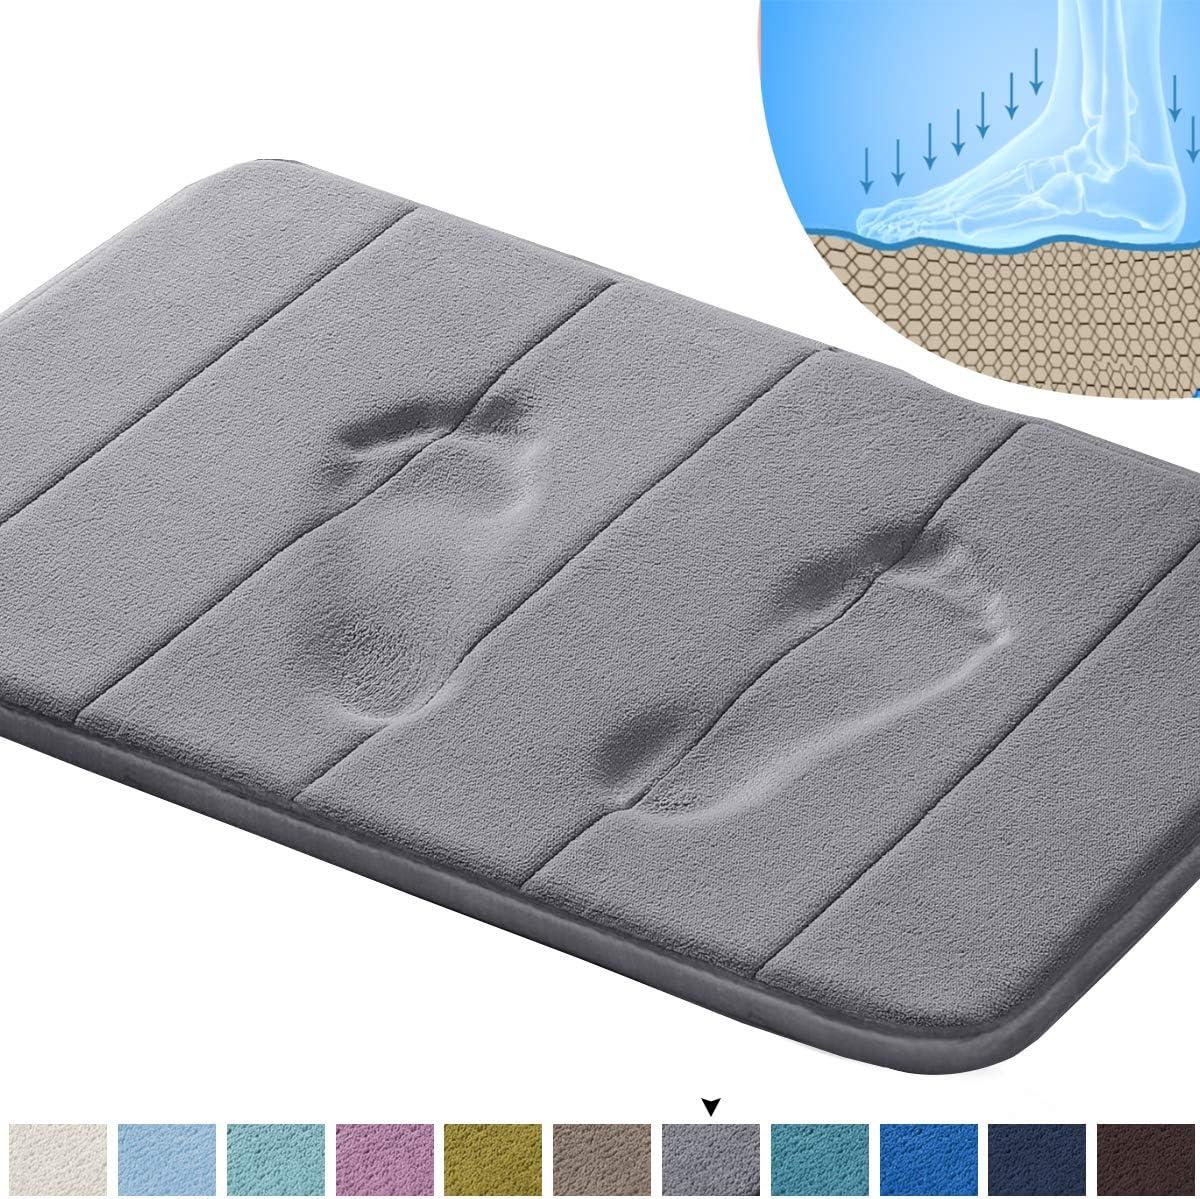 """Memory Foam Bath Mat Soft Memory Foam Non Slip Bath Mat Toilet Floor Rug Non Slip Rubber Backing Non Slip Absorbent Super Cozy Velvet Bathroom Rug Carpet (20"""" X 32"""", Grey Striped Pattern)"""